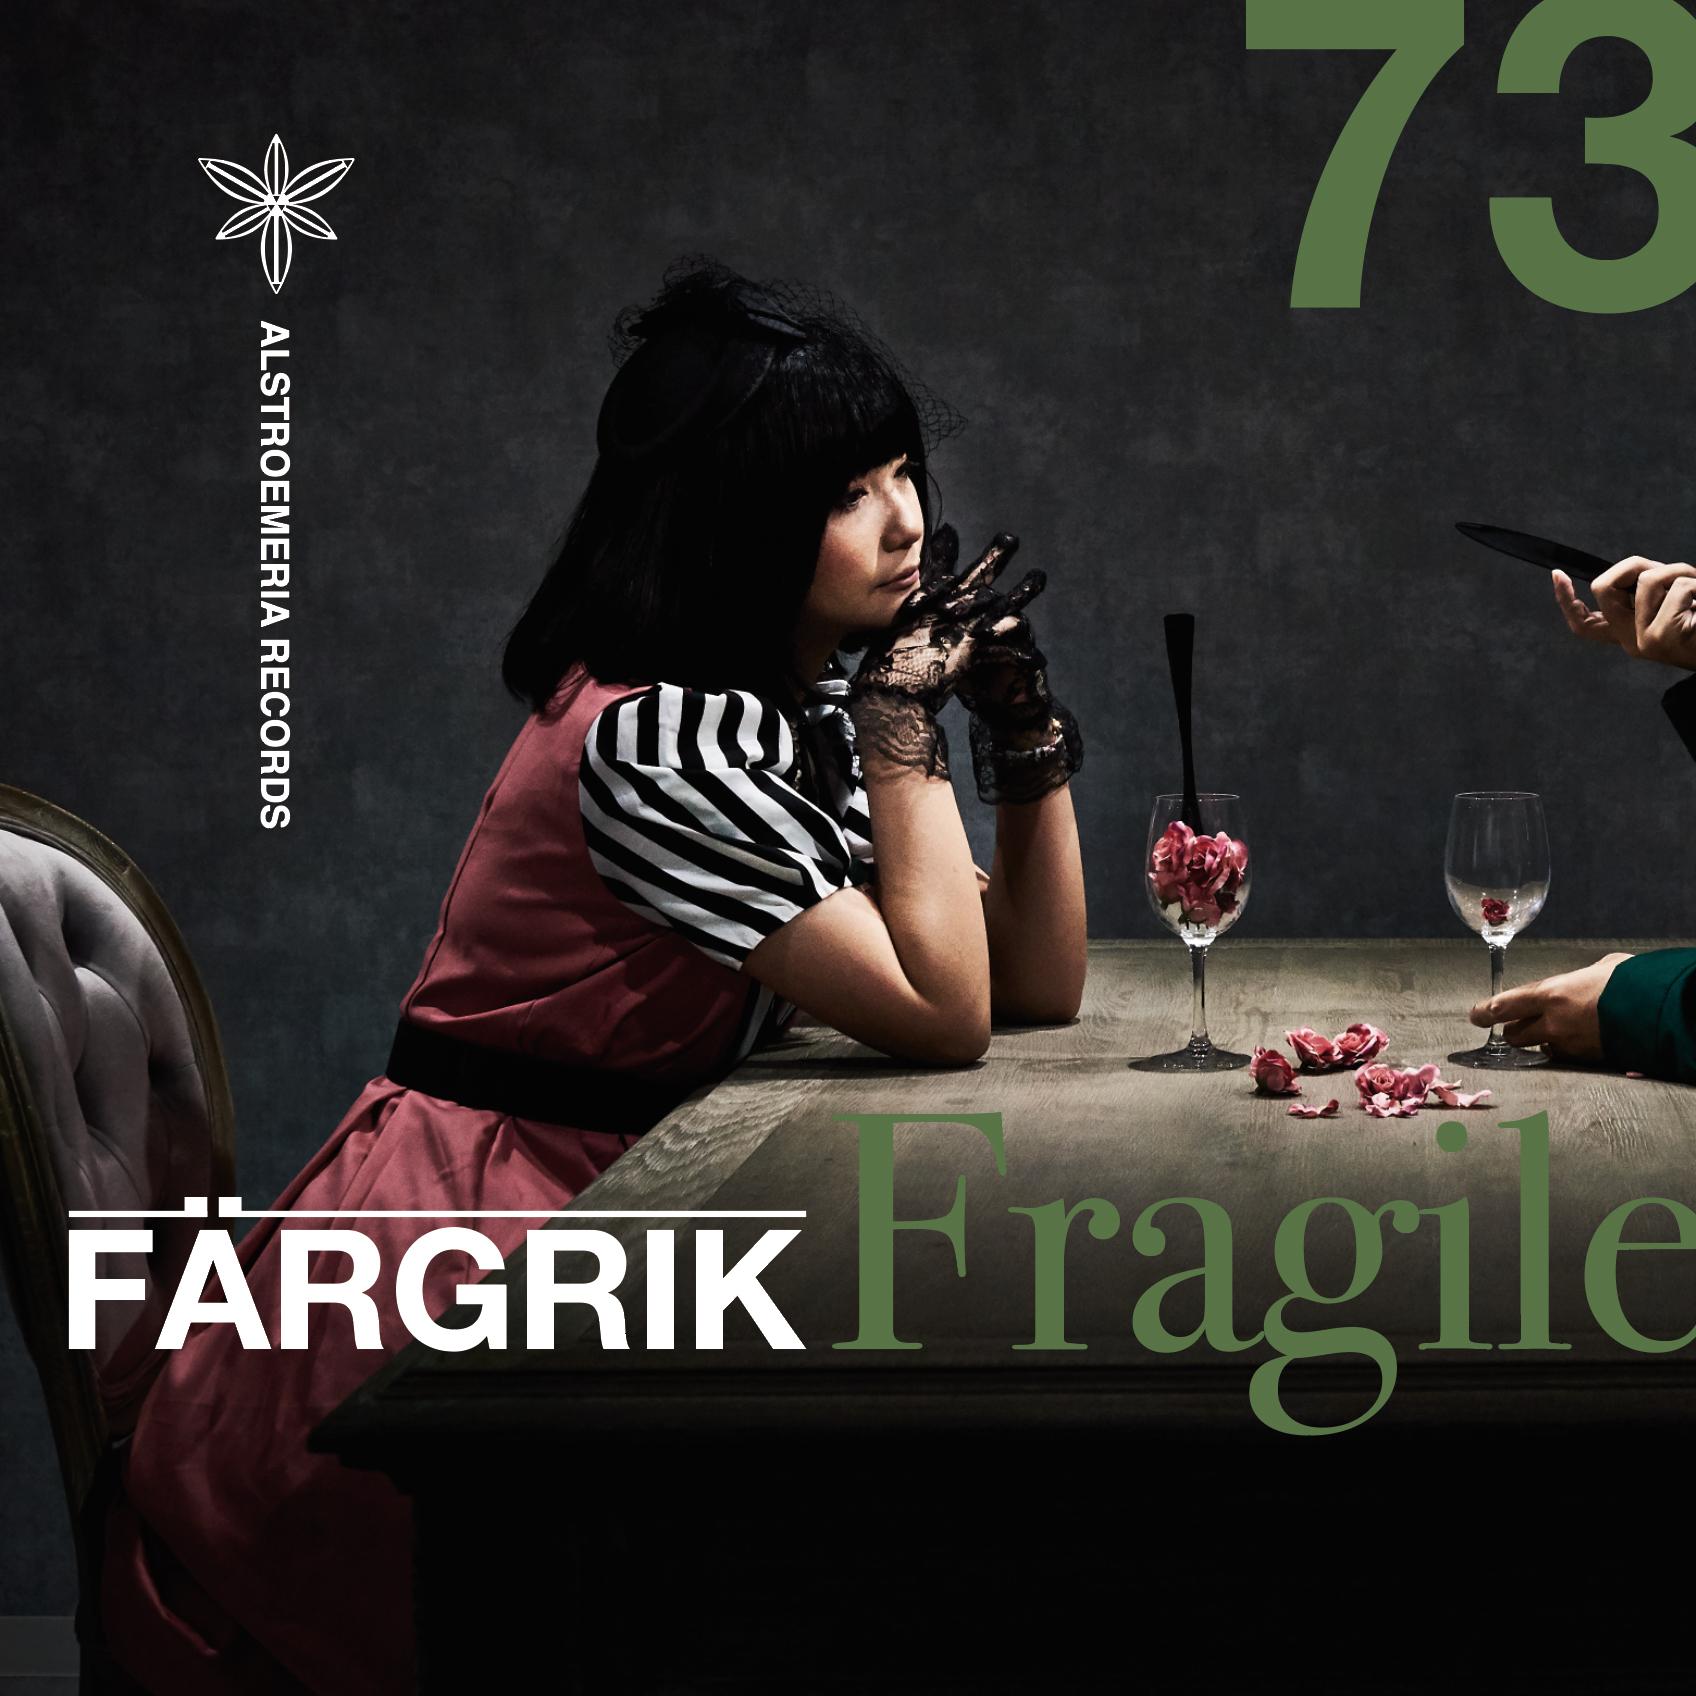 ARCD0073 FÄRGRIK – Fragile